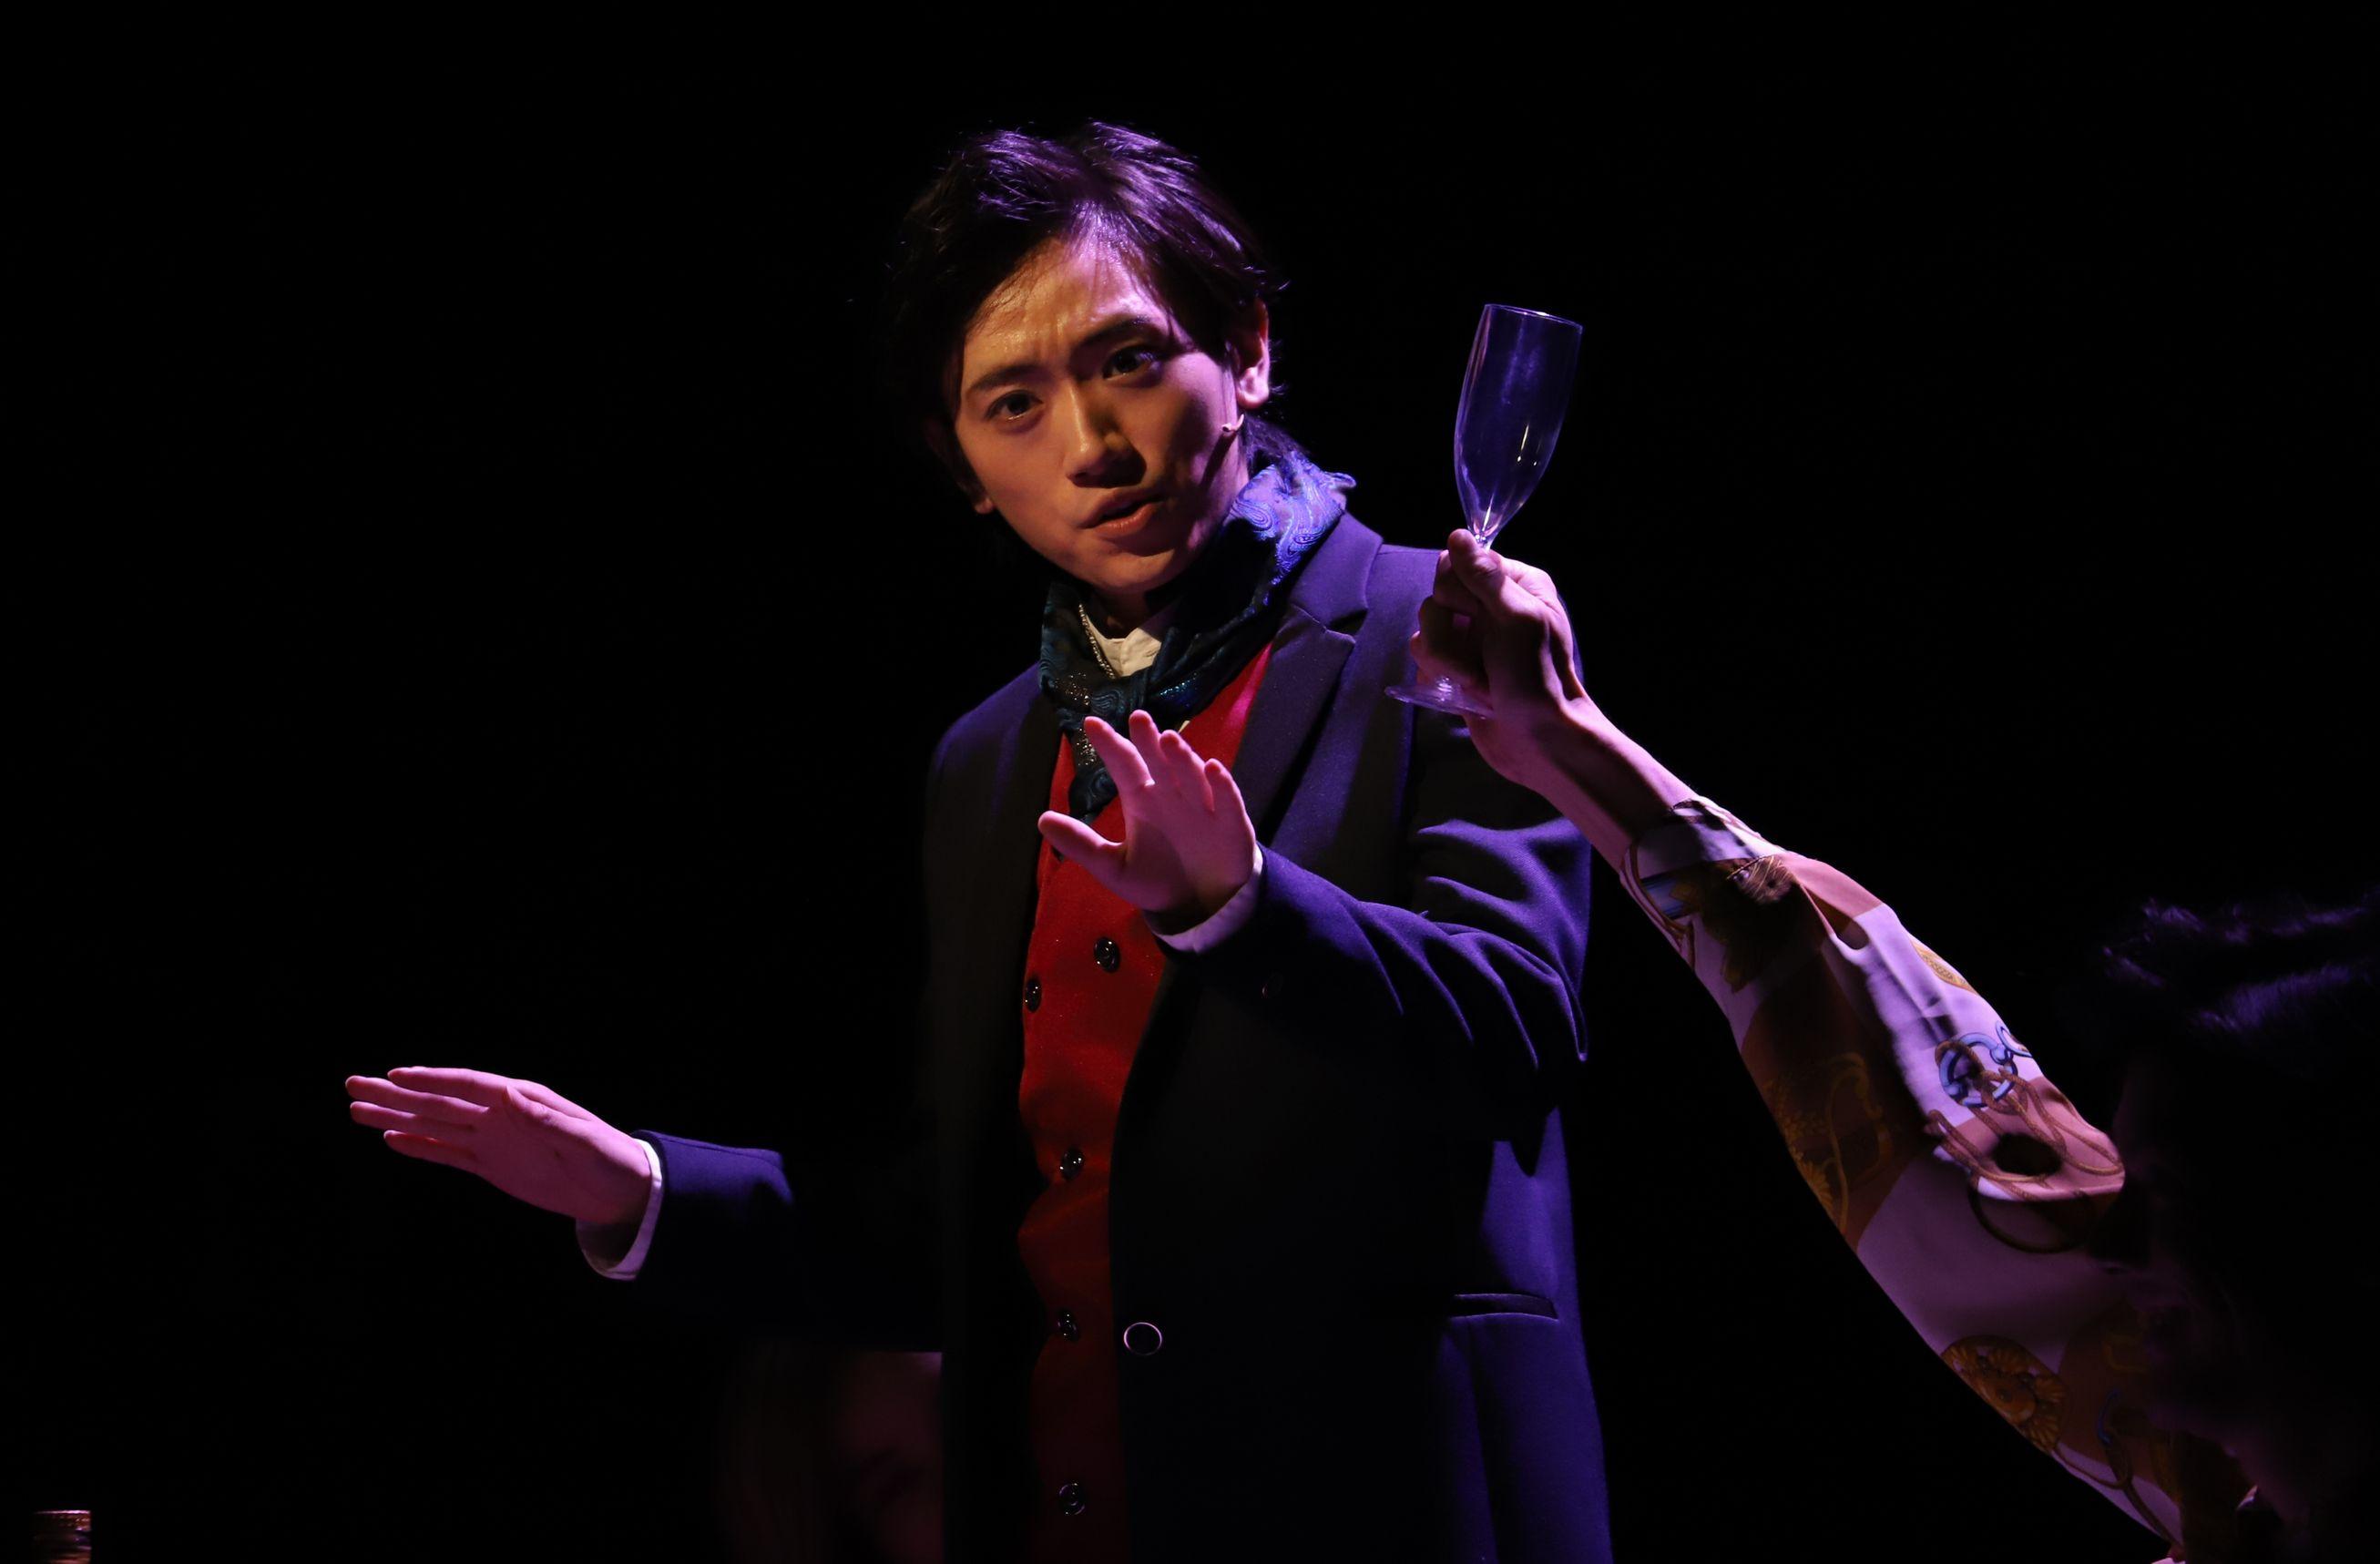 中村誠治郎、有澤樟太郎、定本楓馬ら出演「今、僕は六本木の交差点に立つ」ゲネプロレポート&キャストコメント イメージ画像